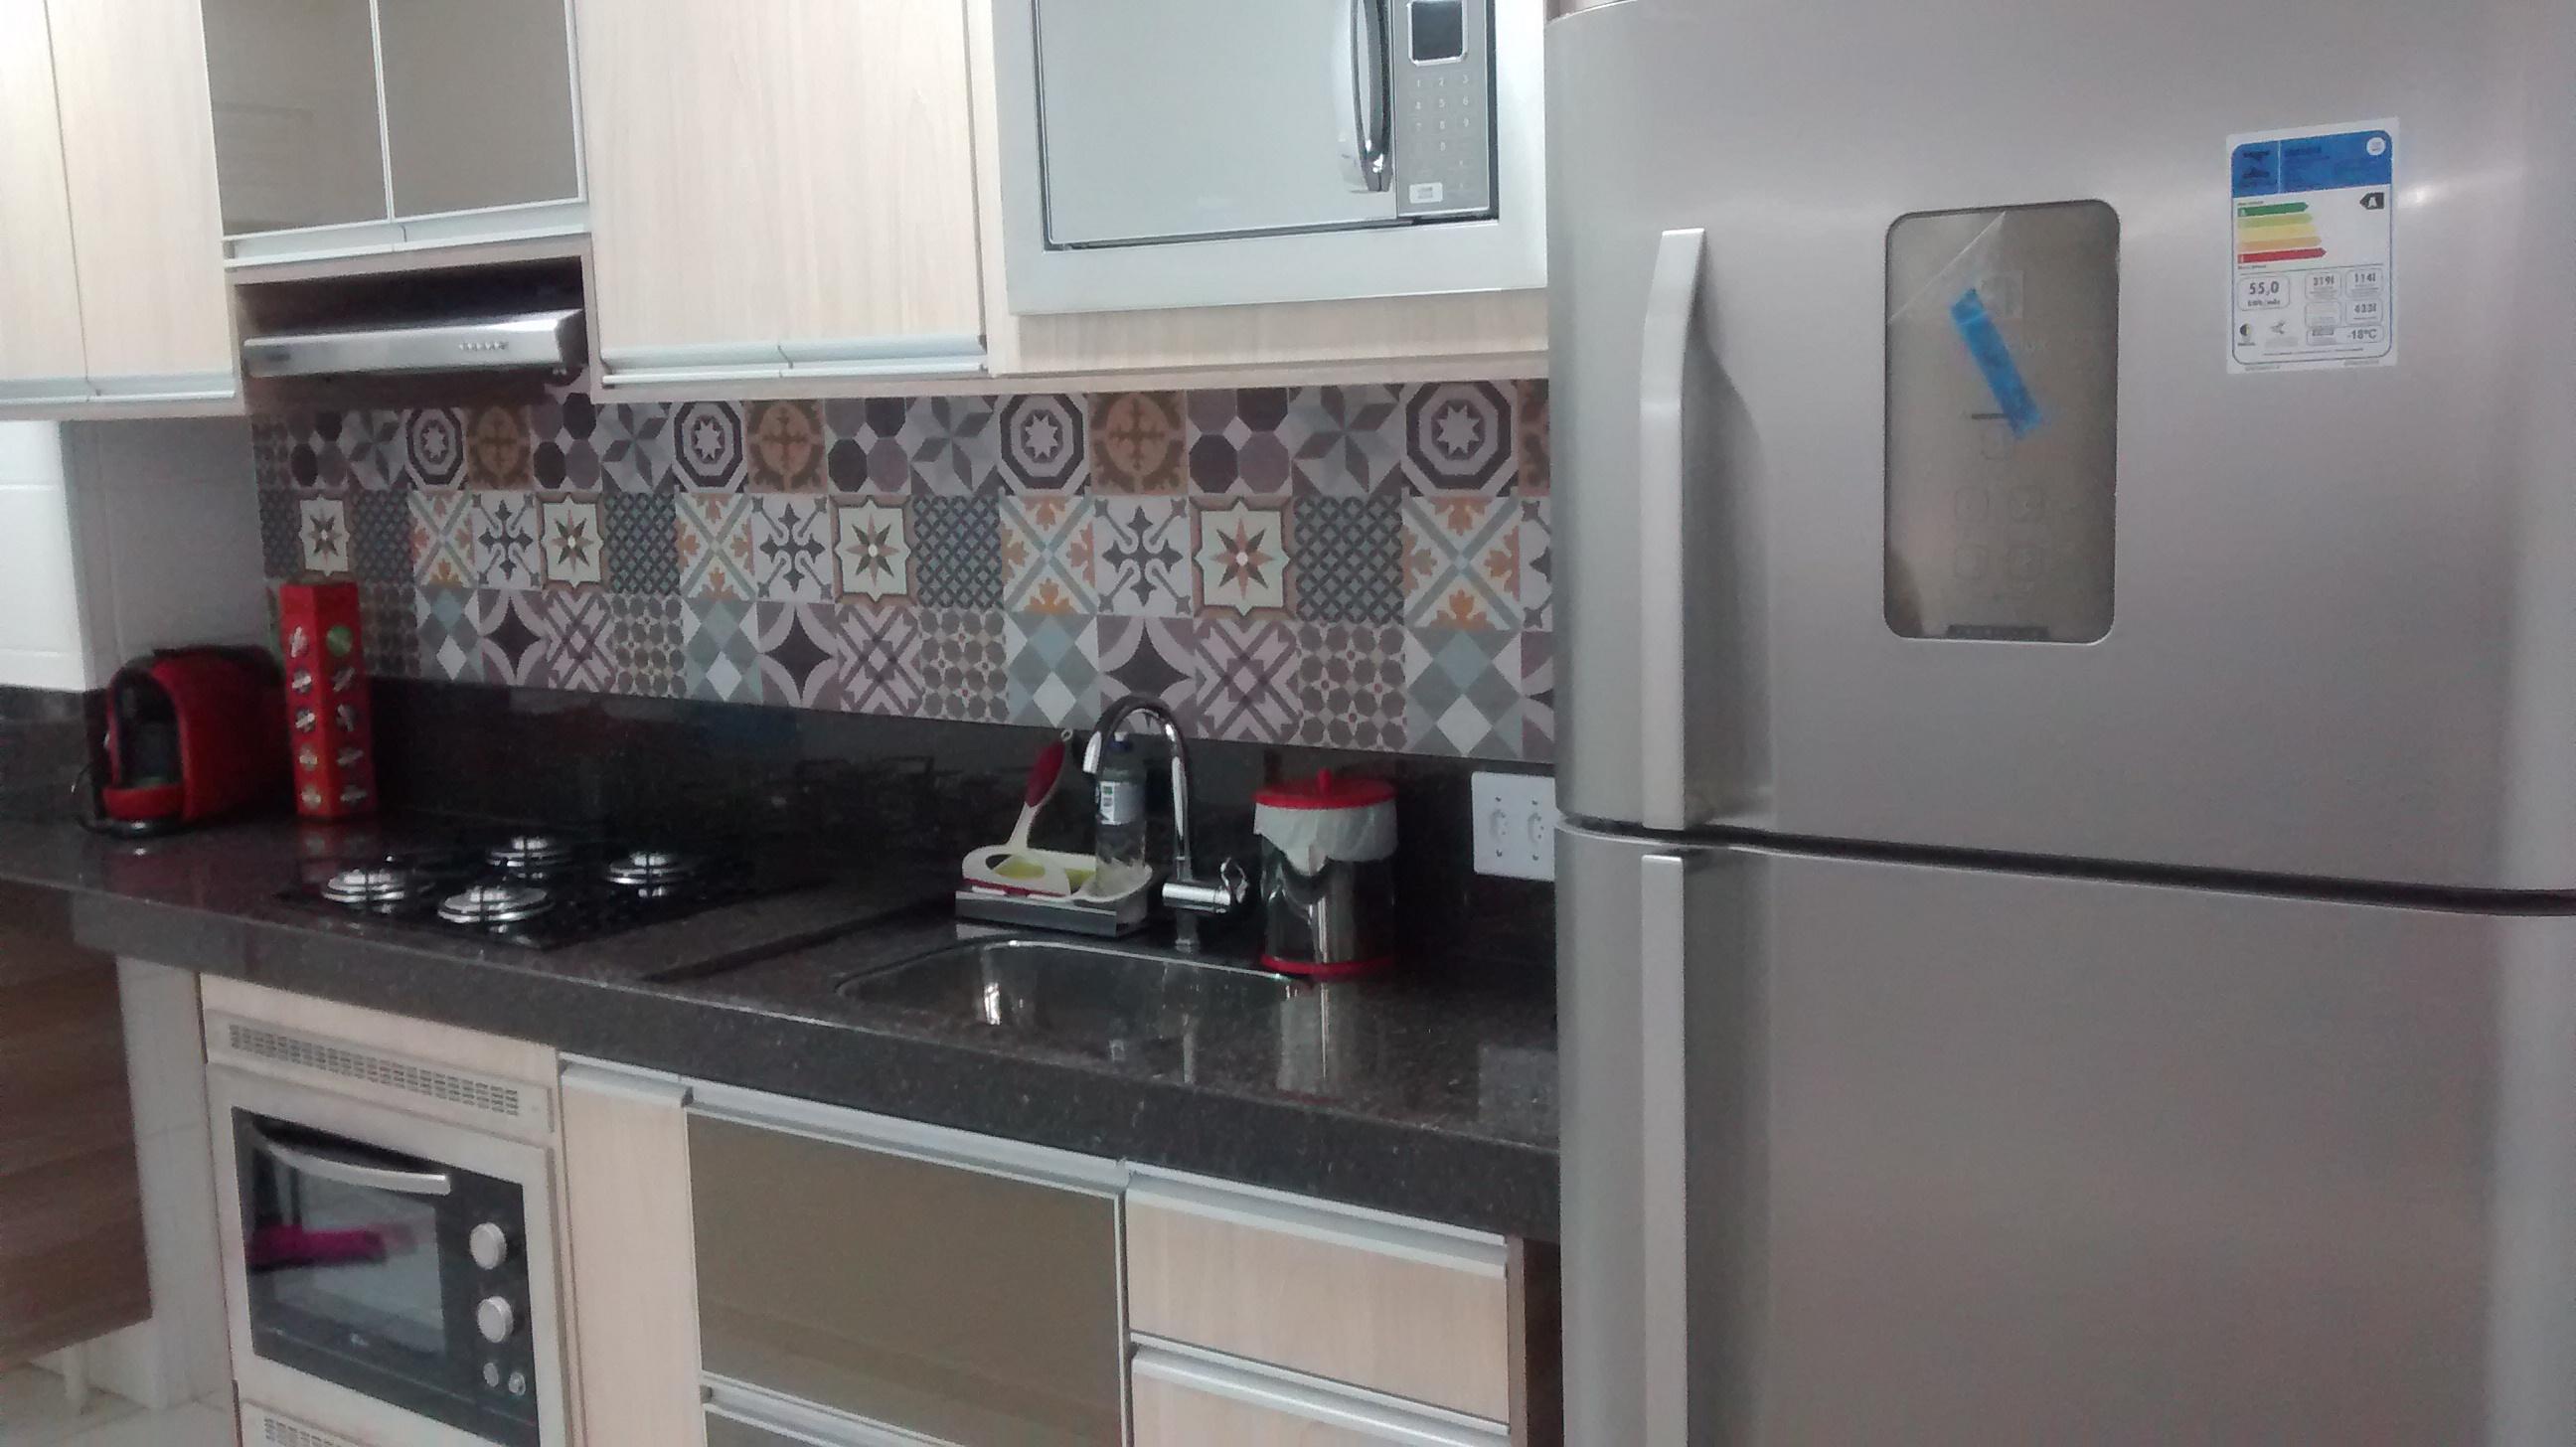 Adesivo De Azulejo Pastilhas Para Cozinha Banheiro Tons Bege  ~ Cozinha Decorada Com Pastilhas